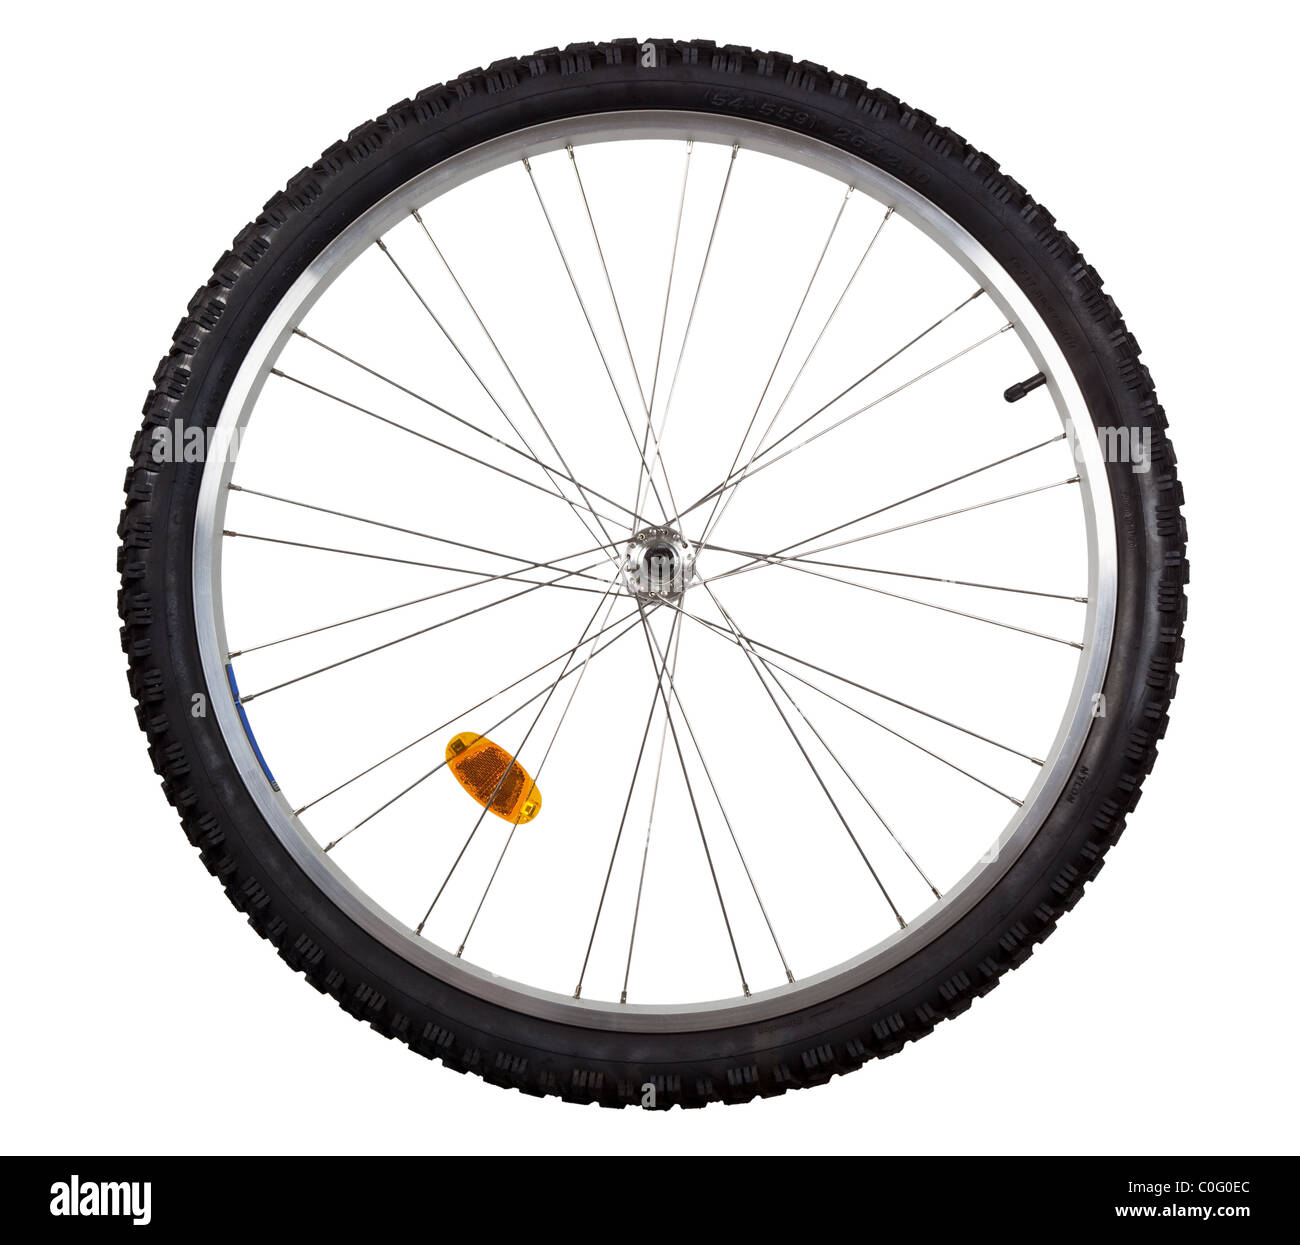 Rueda delantera de una bicicleta de montaña aisladas sobre fondo blanco. Imagen De Stock